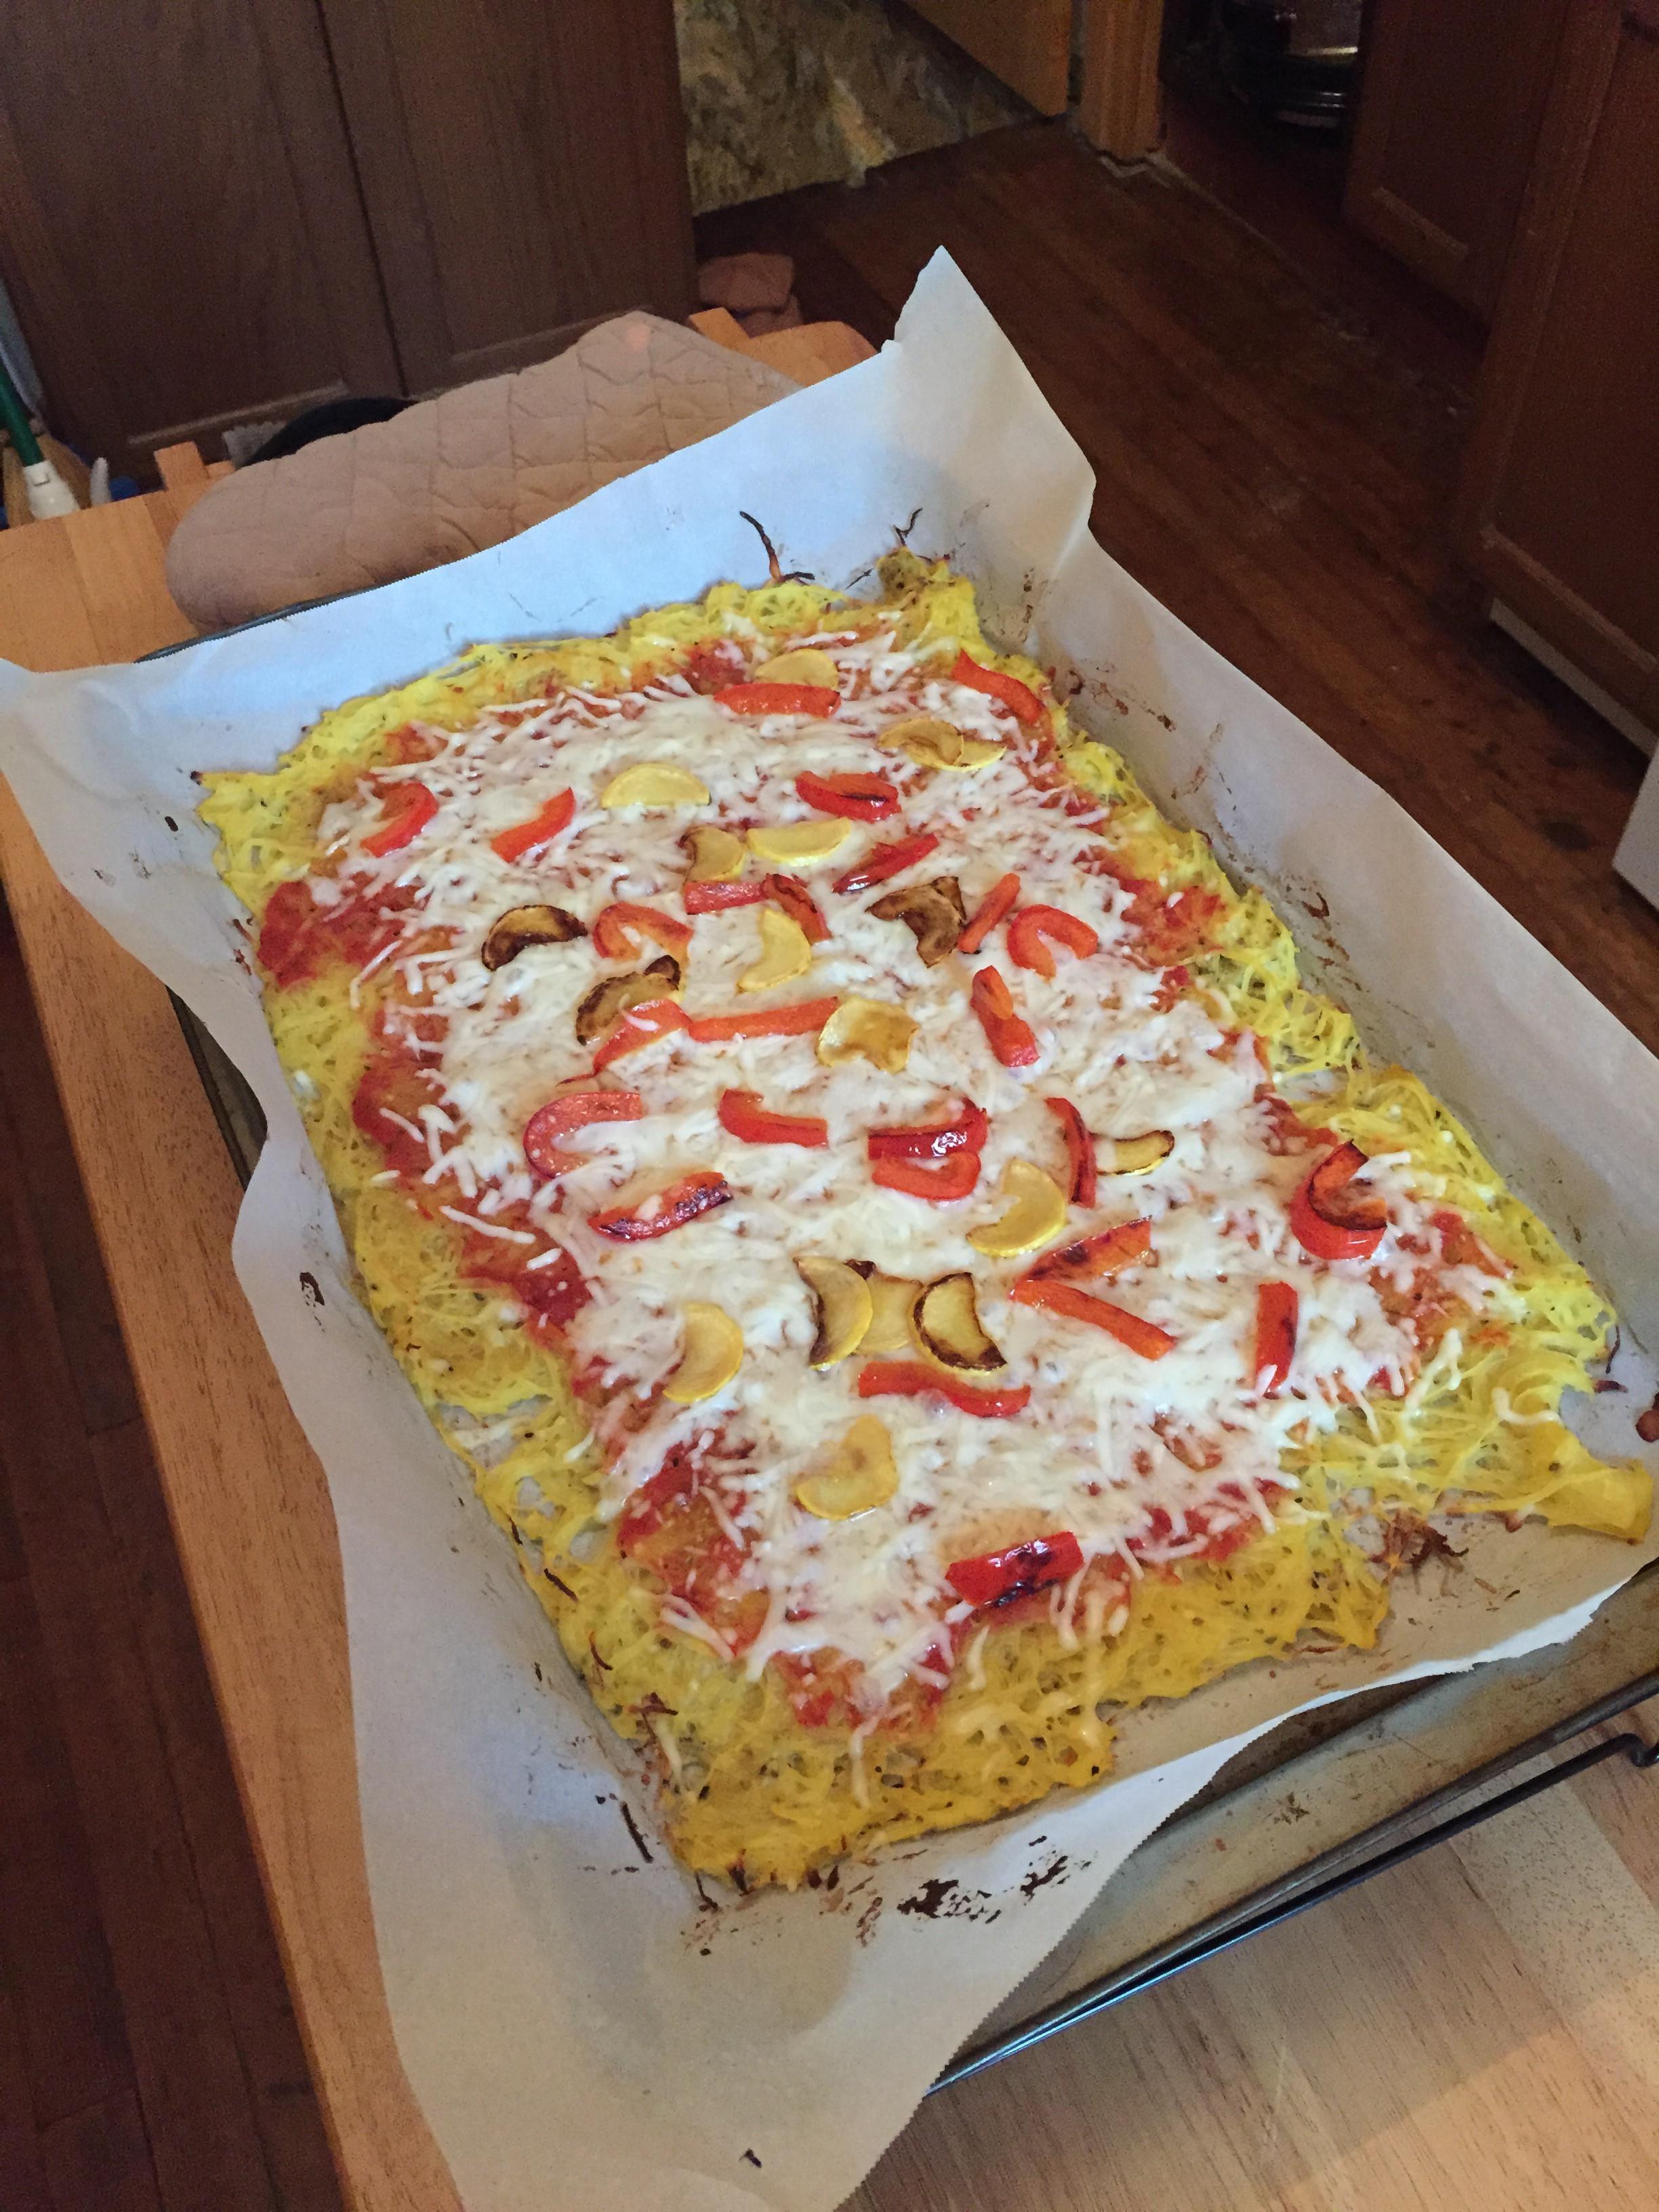 Spaghetti Squash Pizza Crust  What I Ate Spaghetti Squash Pizza Crust